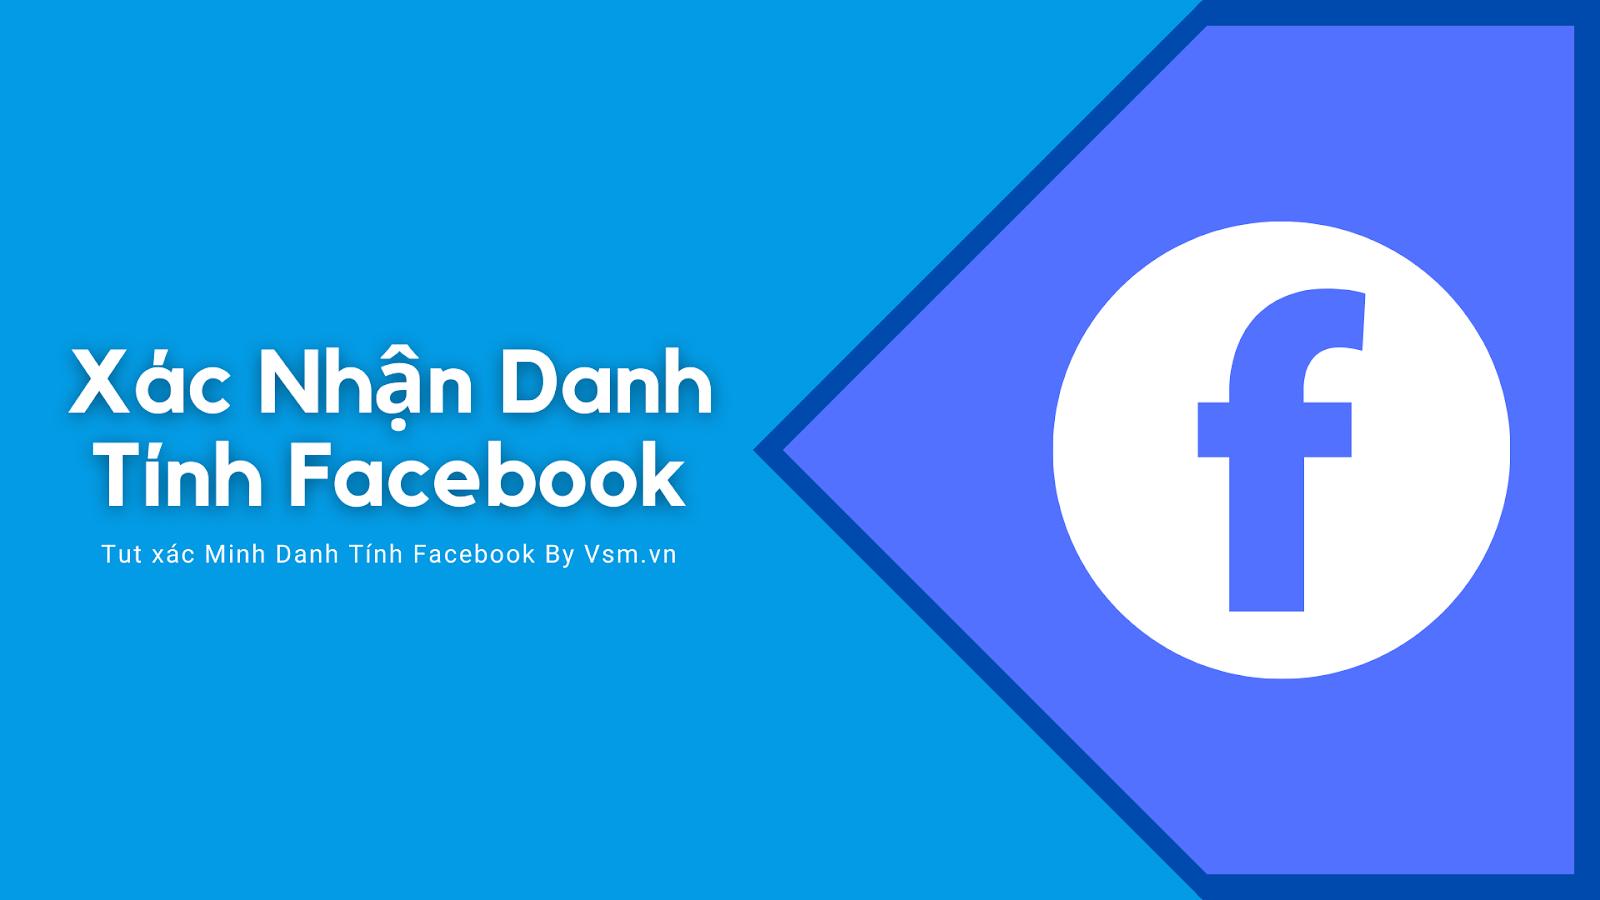 Nếu đã bị báo cáo thì bảo đảmFacebook bắt xác minh danh tínhmới có khả năng dùng lại account đó. Đa phần, người sử dụng vướng phải hoàn cảnh bị báo cáo do chưa đủ điều kiện sử dụng kênh Facebook.